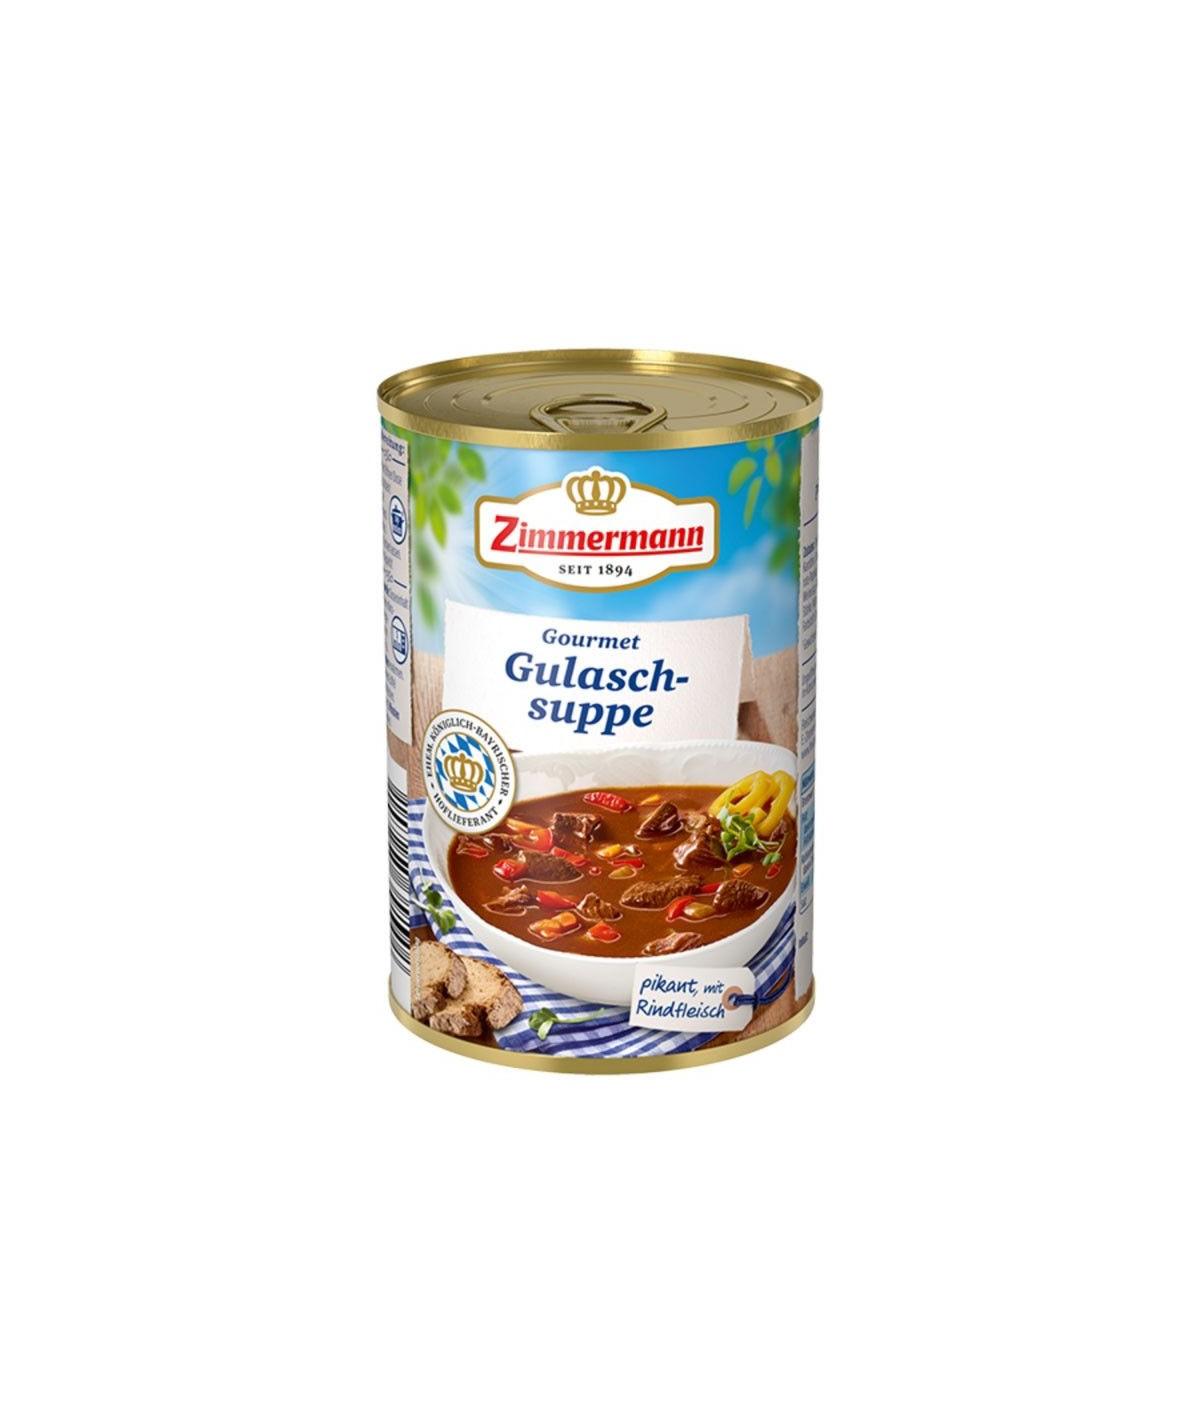 Gourmet Gulasch-Suppe - 400g